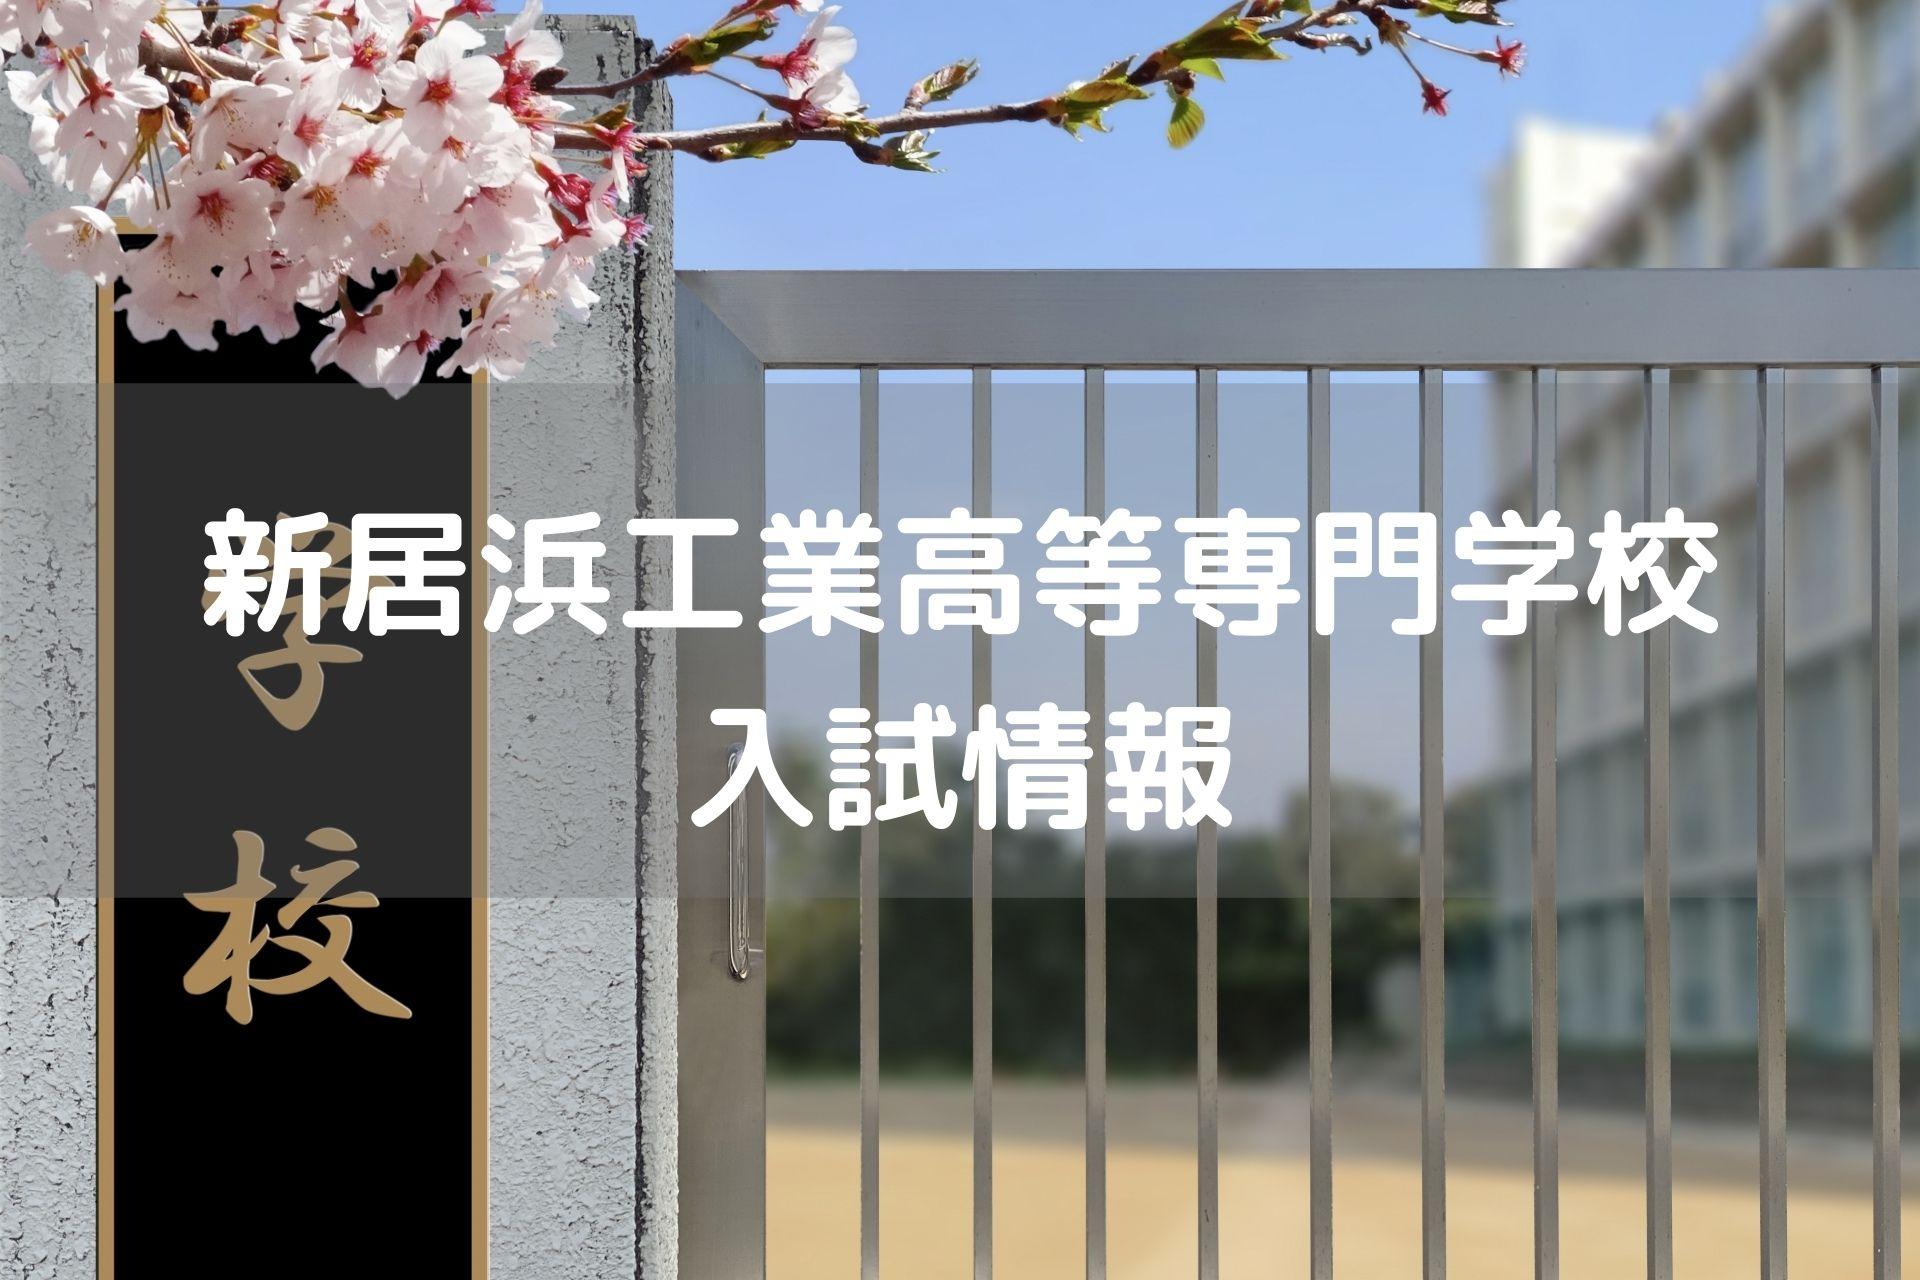 新居浜高専の入試情報